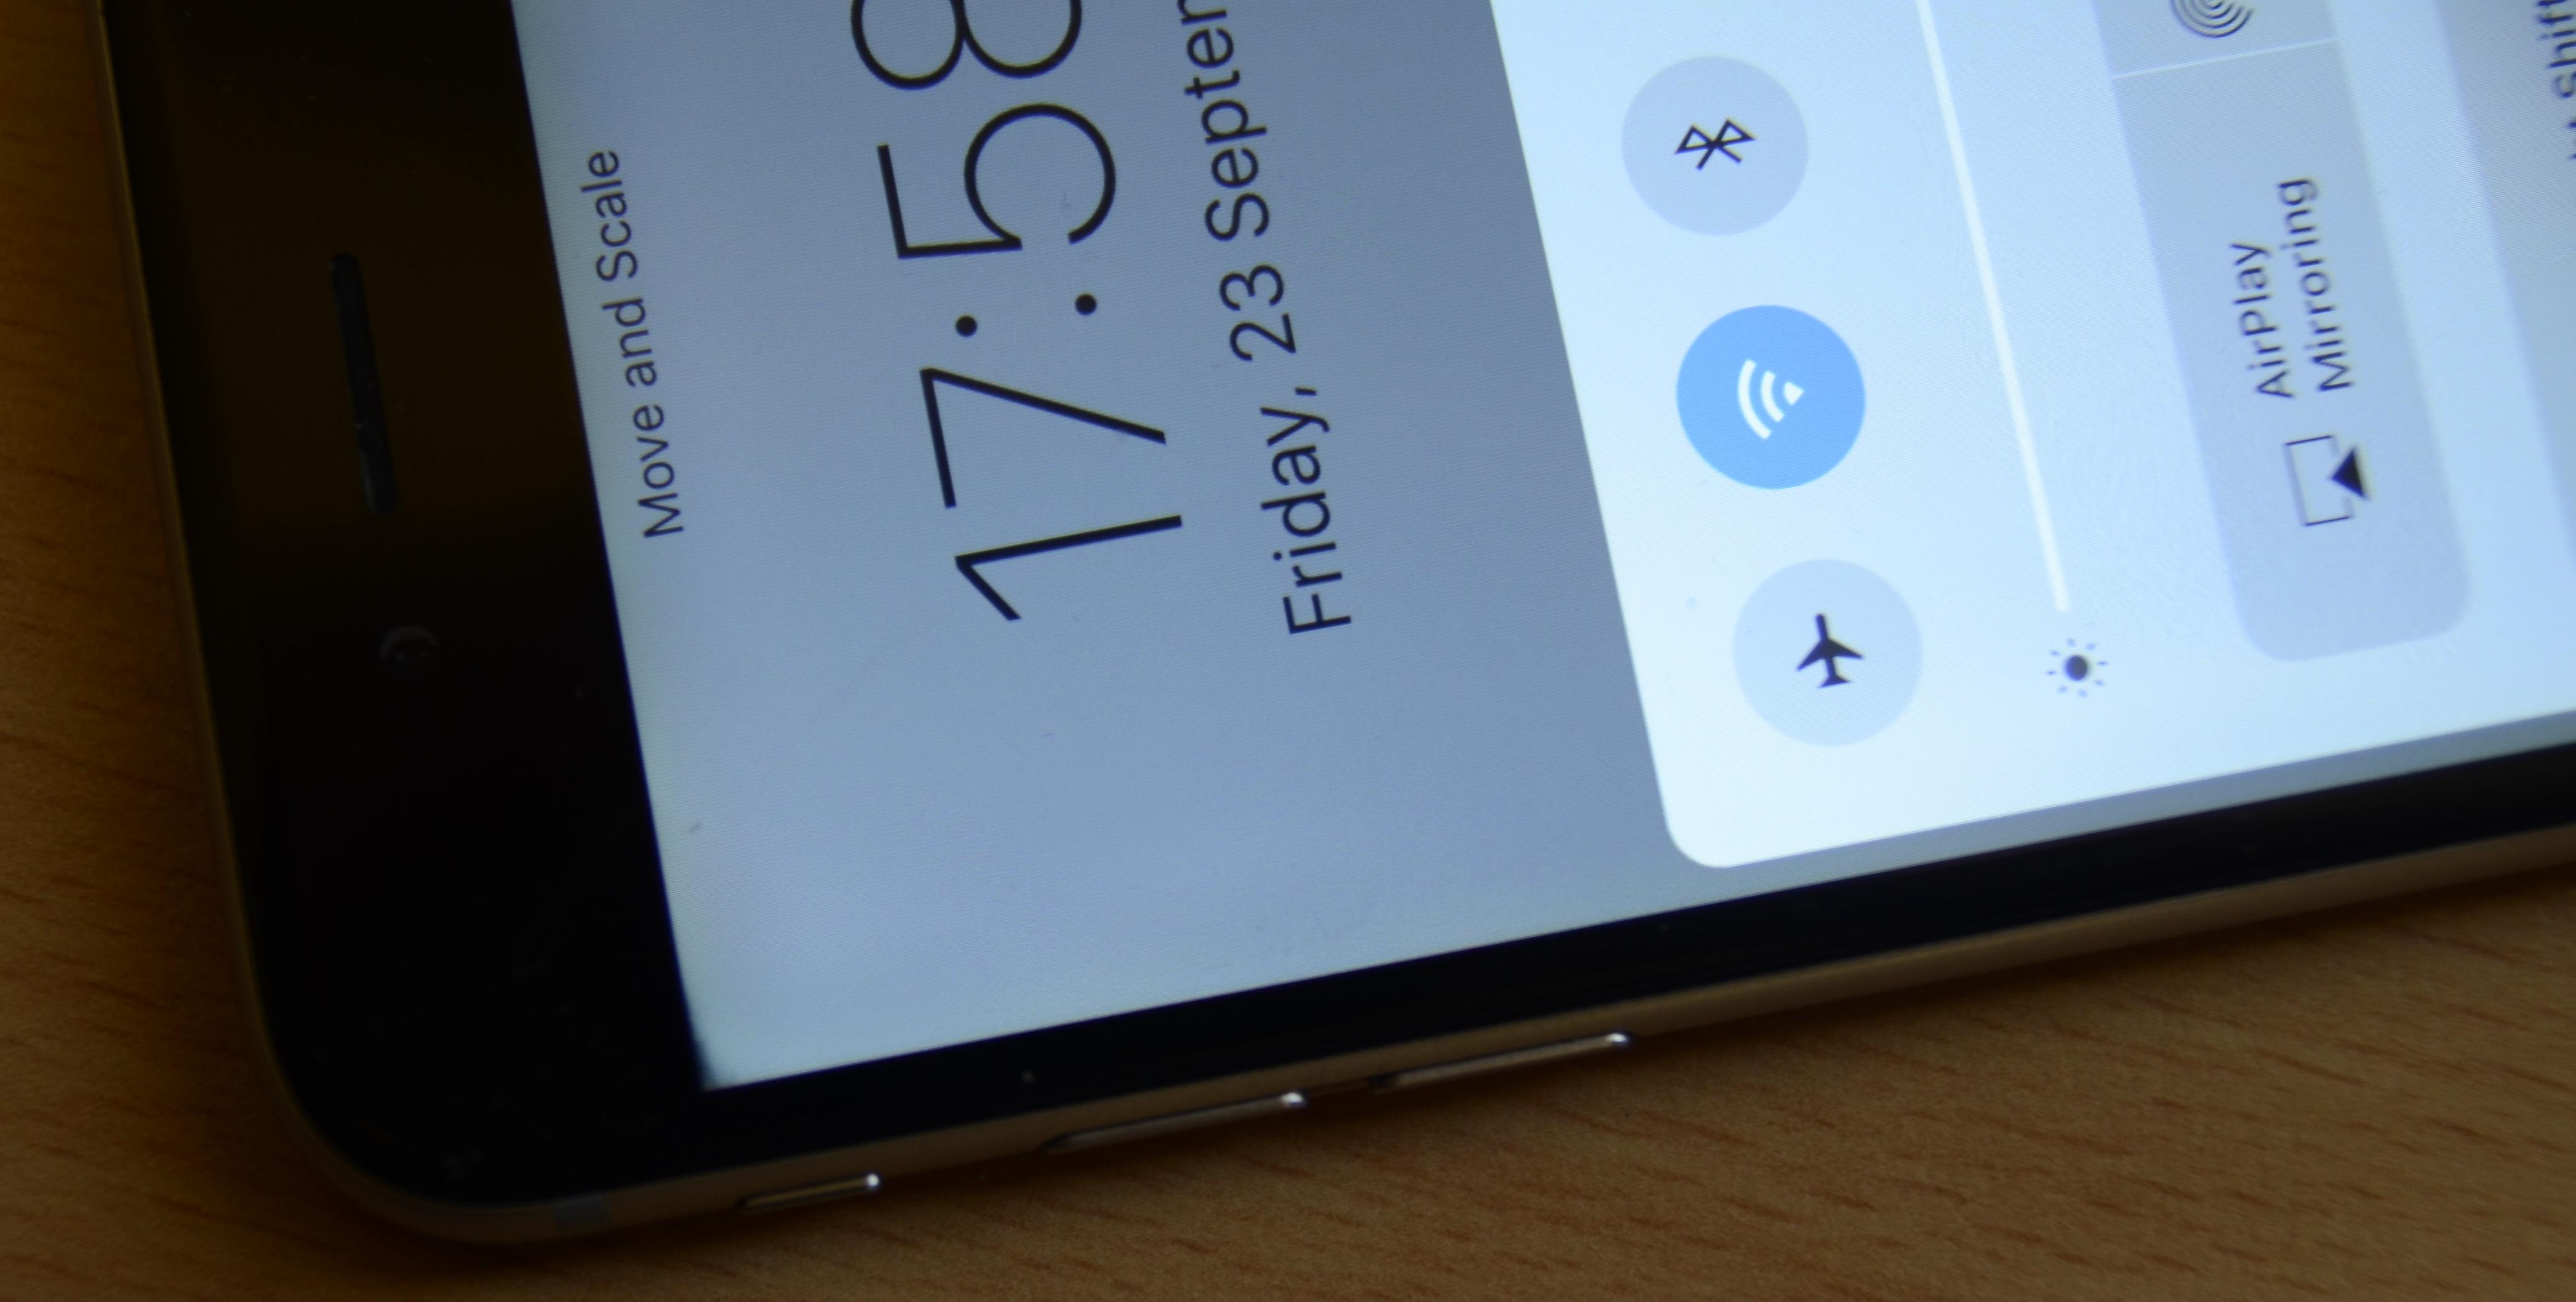 Iphone Full Of Dead Pixels